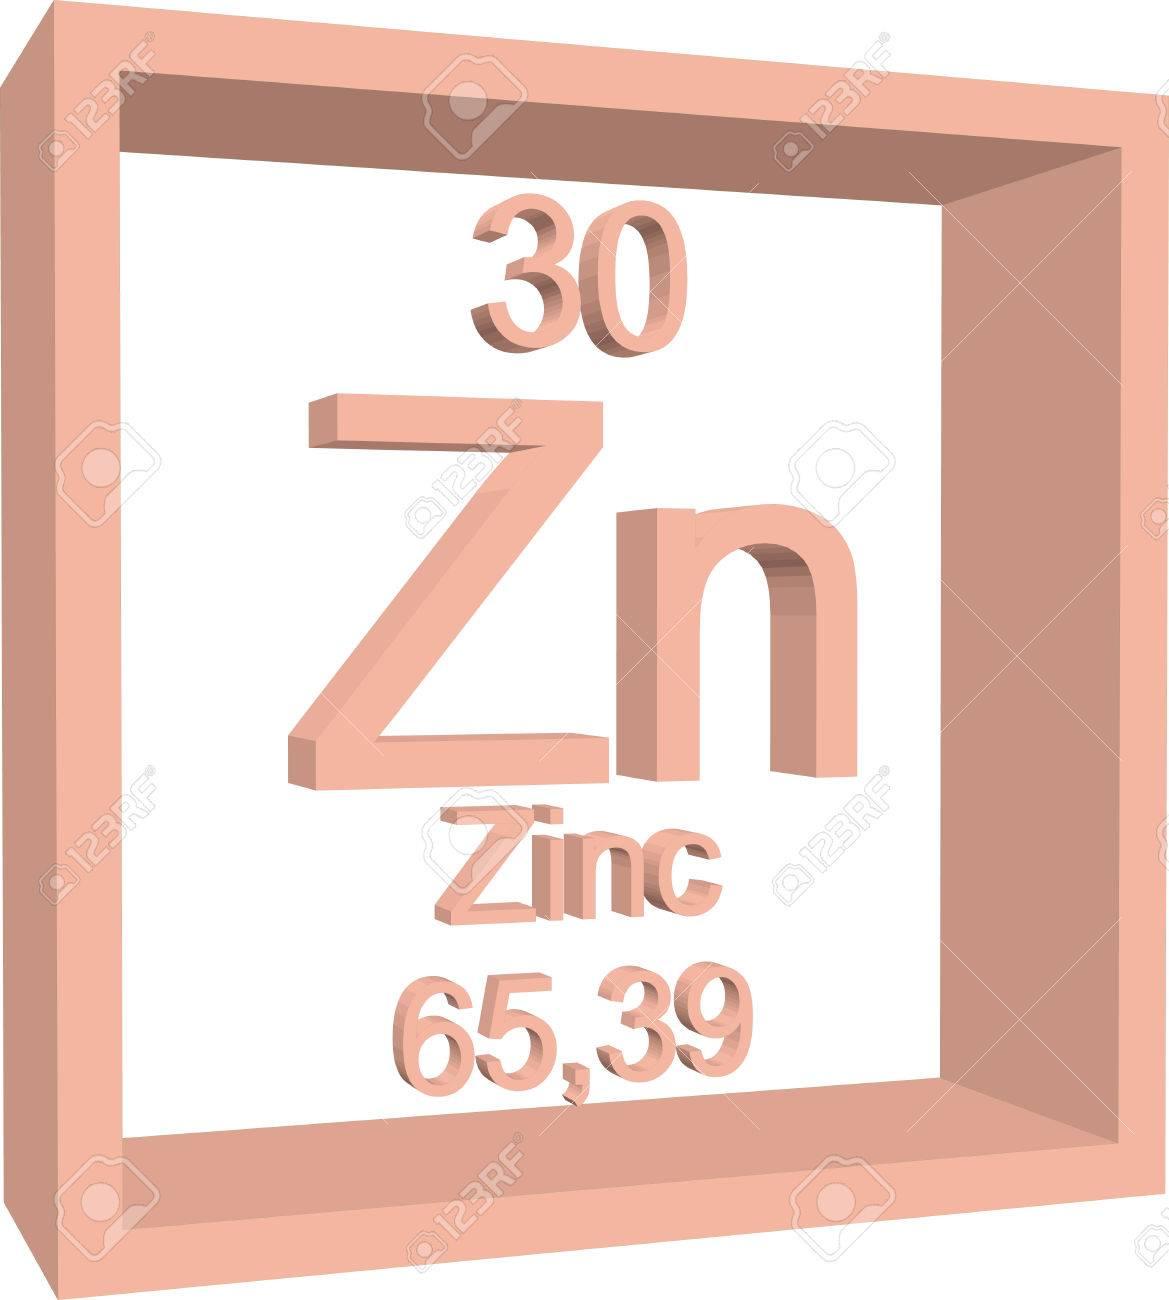 Tabla periodica de los elementos zinc images periodic table and tabla periodica de los elementos zinc image collections periodic tabla periodica de los elementos zinc image urtaz Images